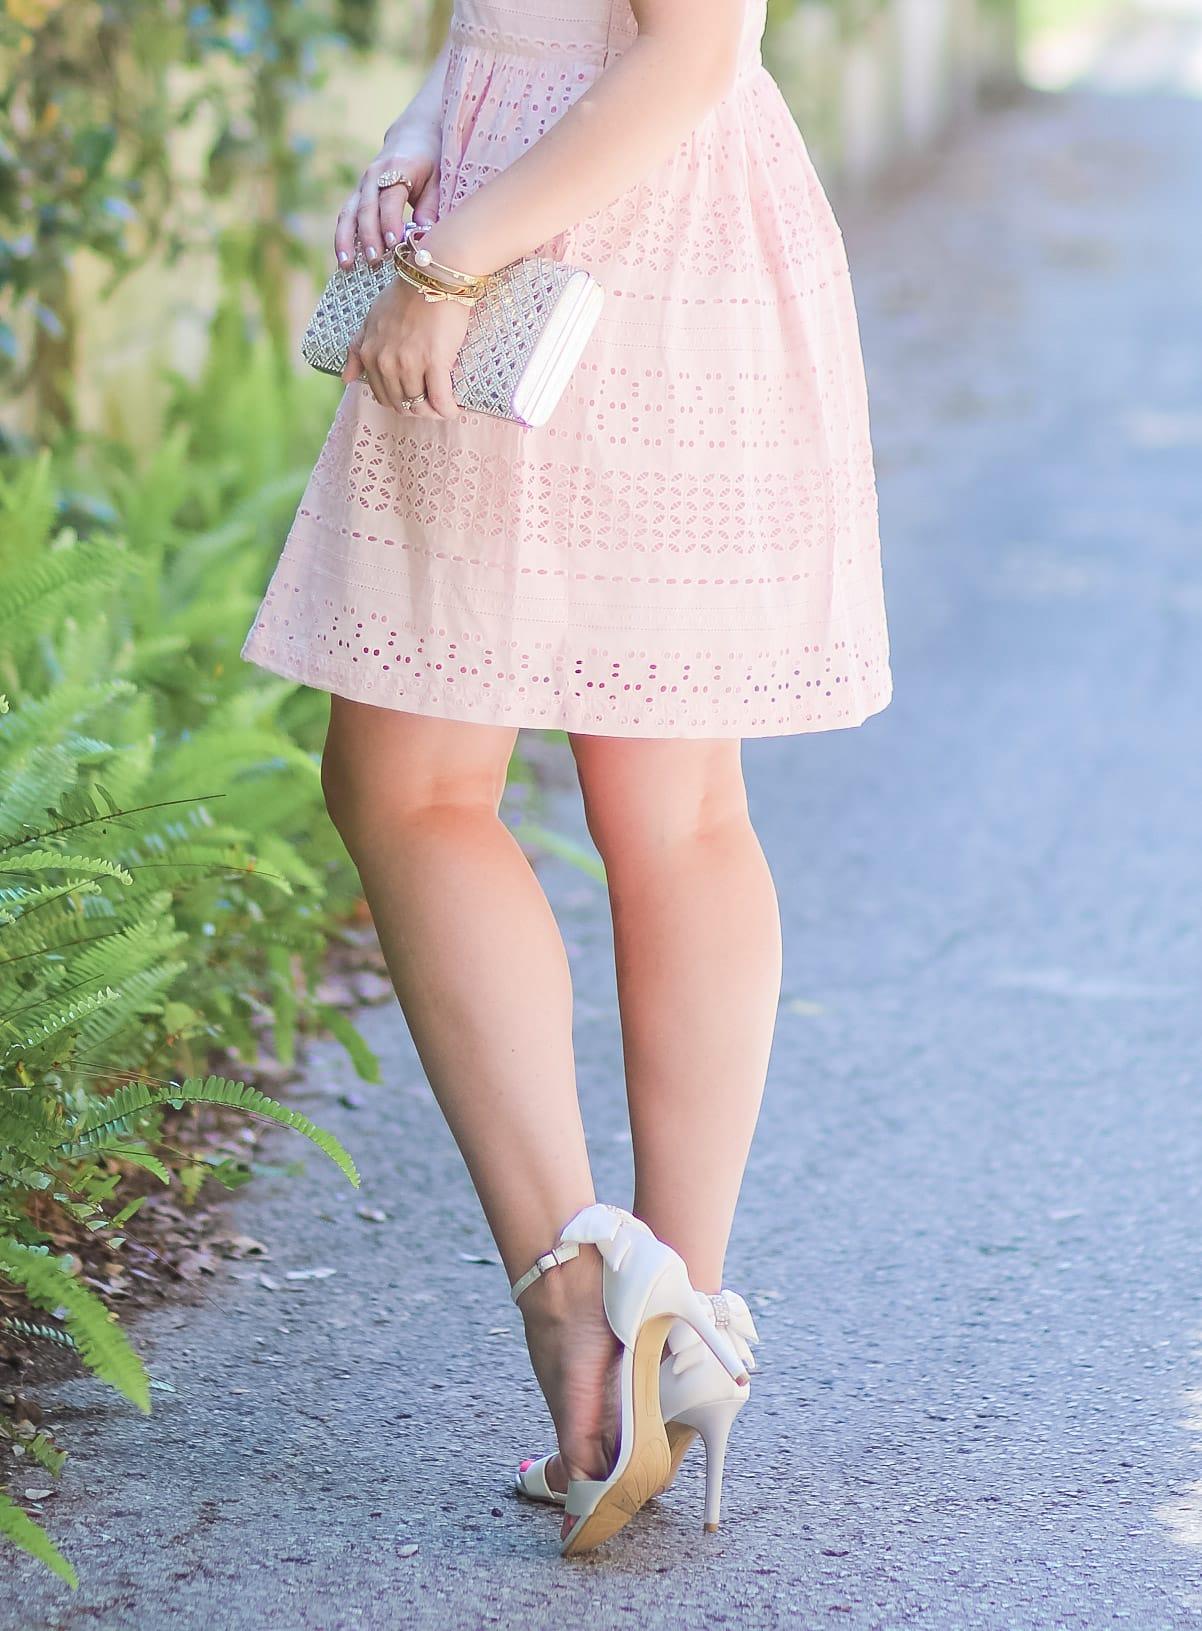 edff1fbbfdd Summer Wedding Guest Outfit Idea